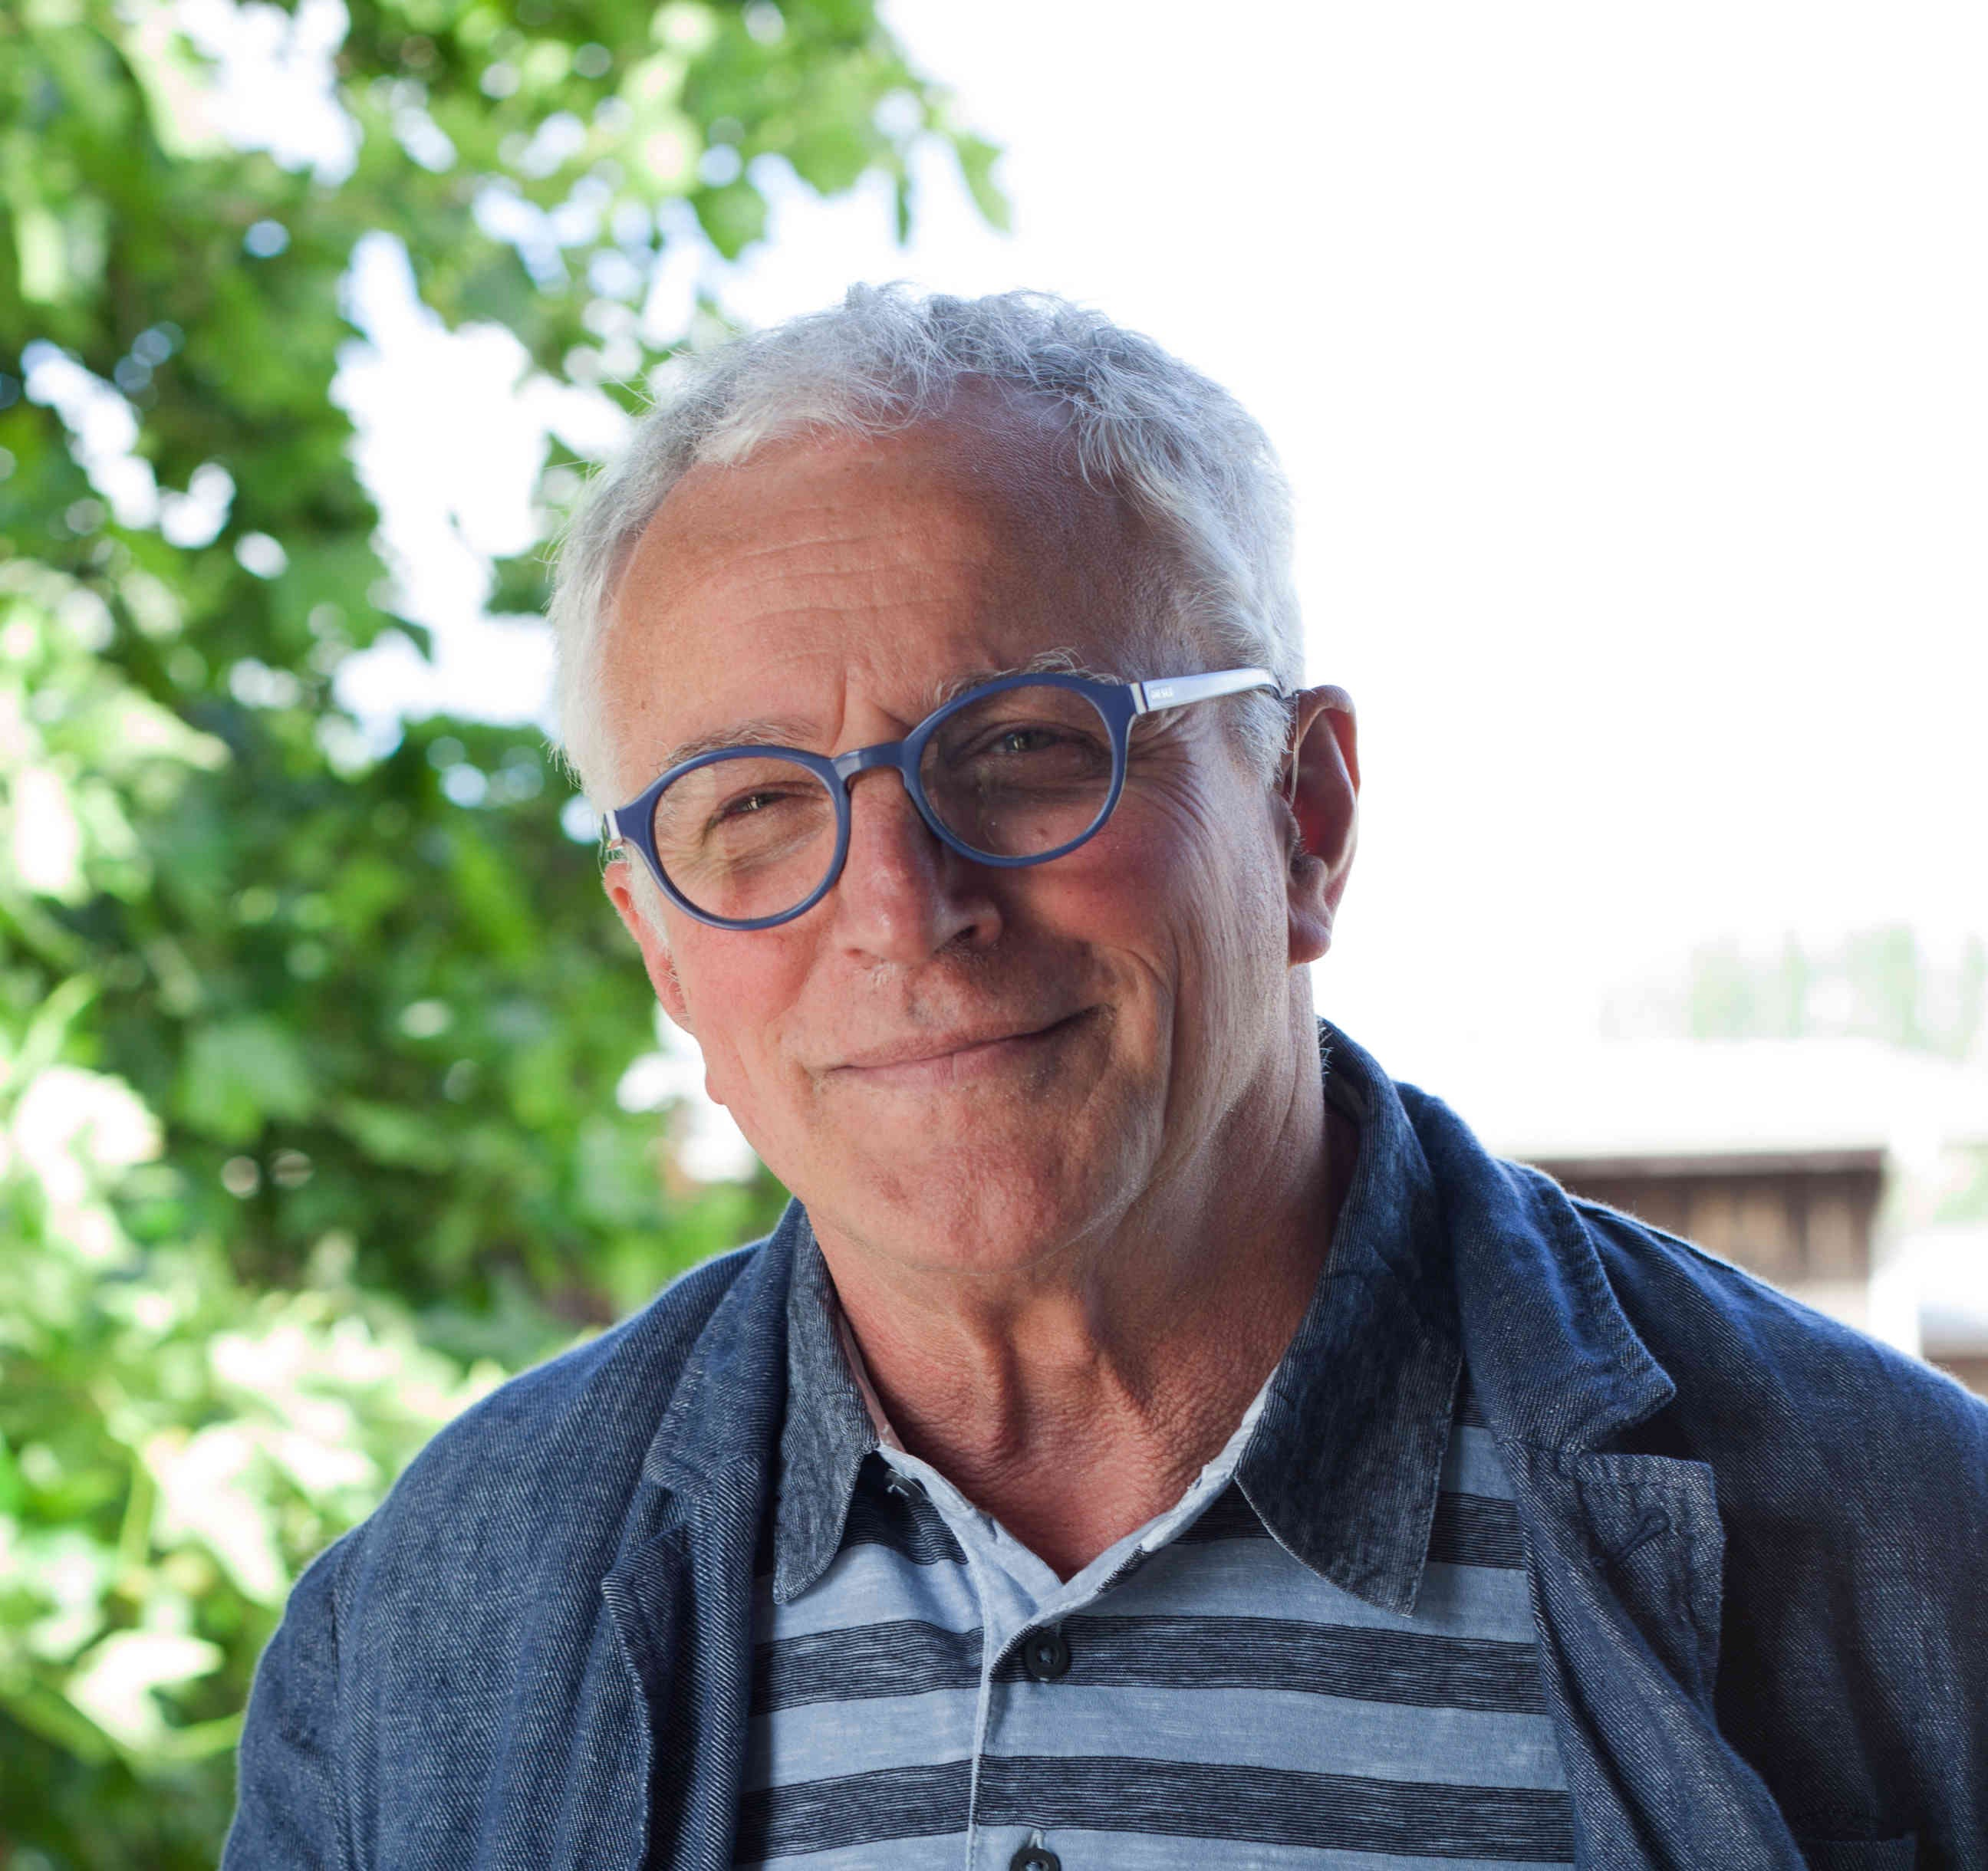 Portrait de François, sociétaire.